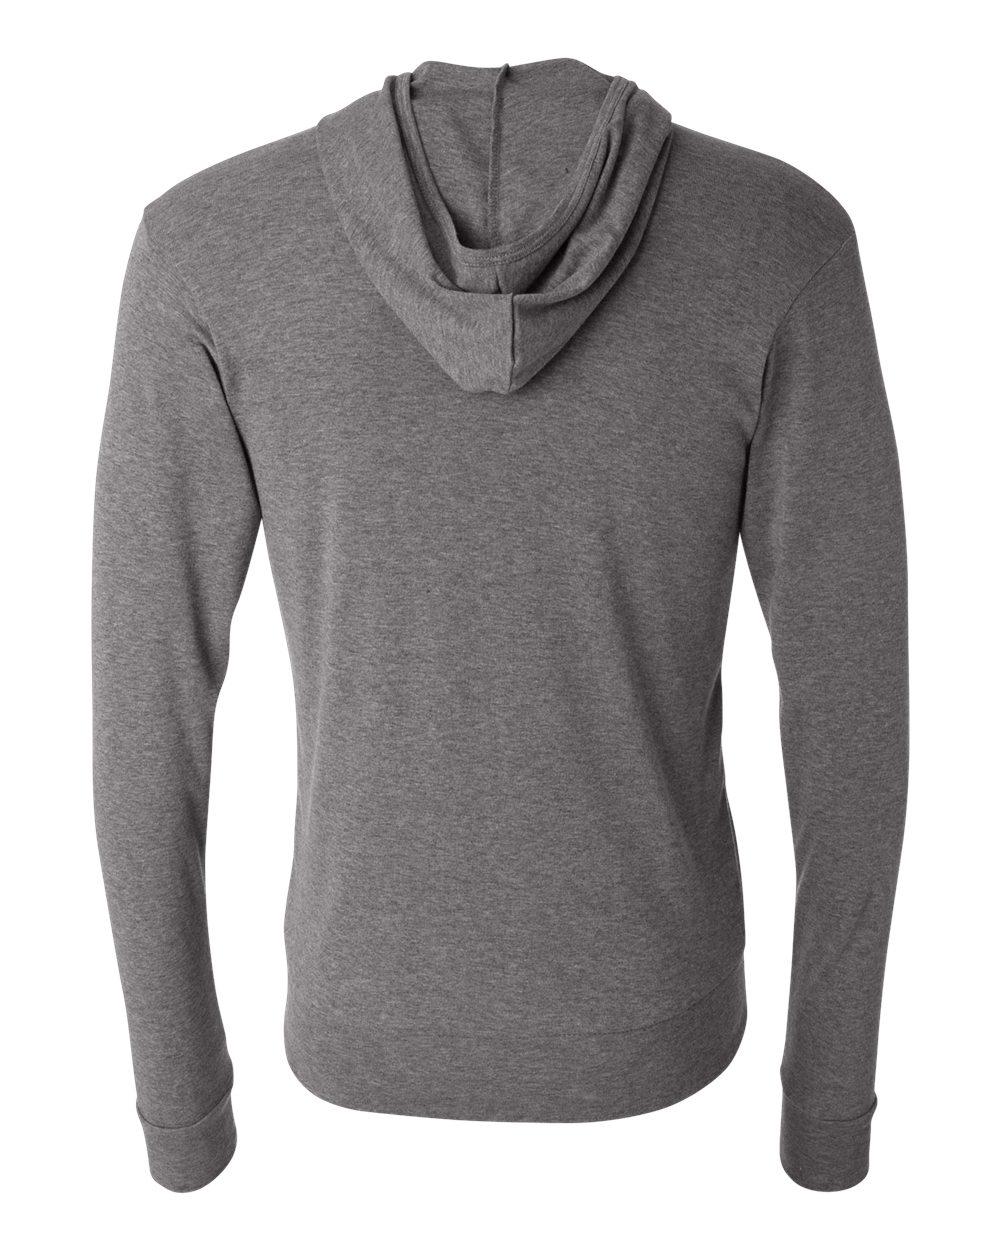 Bella-Canvas-Unisex-Triblend-Lightweight-Hooded-Full-Zip-T-Shirt-3939-upto-2XL thumbnail 16